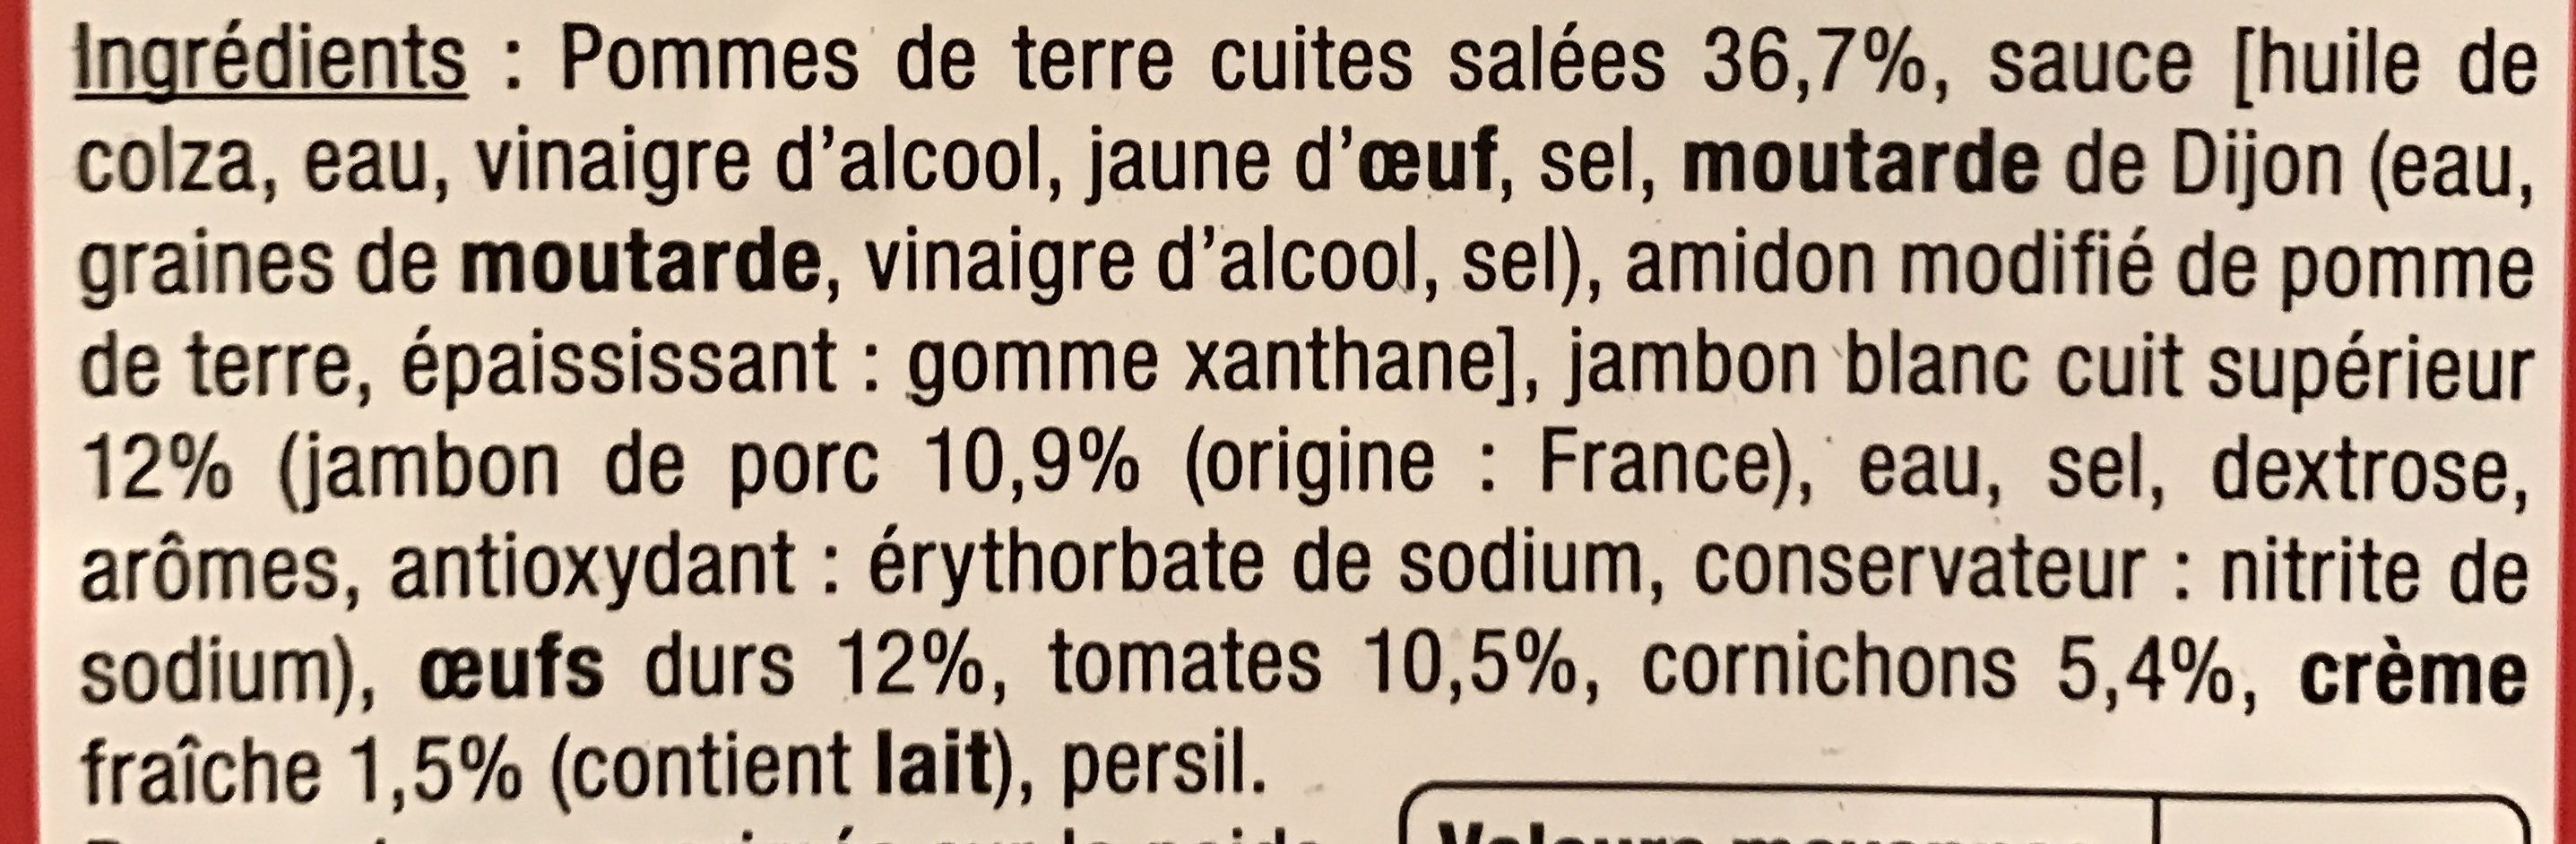 Le Traiteur - Piémontaise au jambon cuit supérieur - Ingrédients - fr